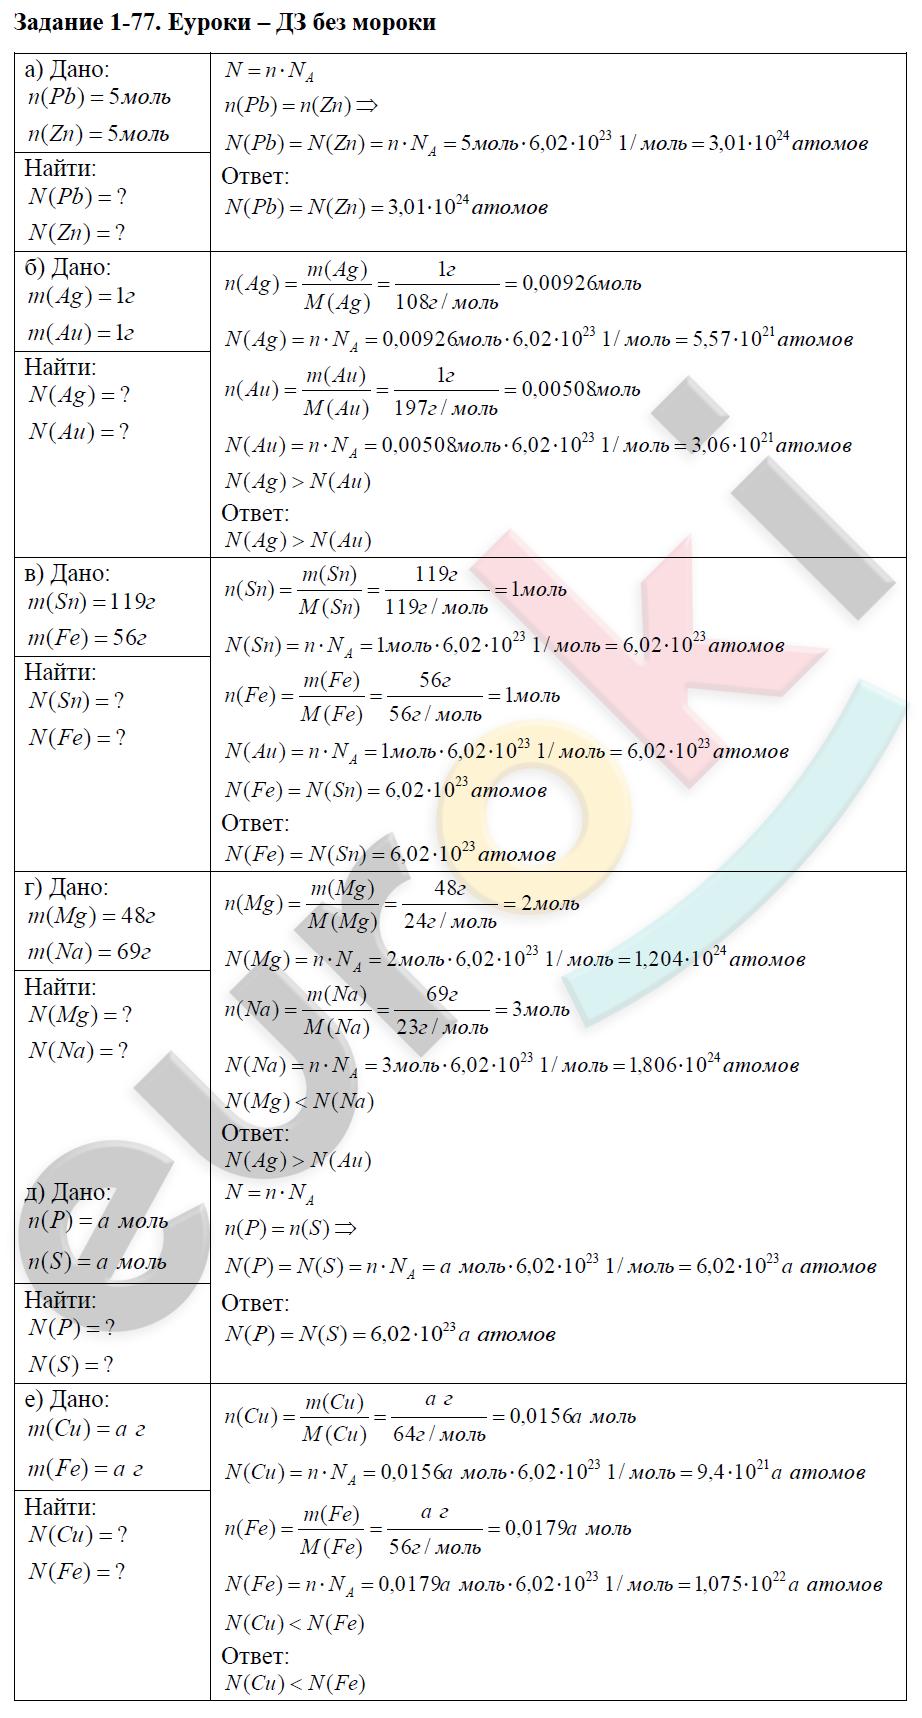 Решебник По Задачнику Химии 8 Класс Кузнецова Левкин Ответы